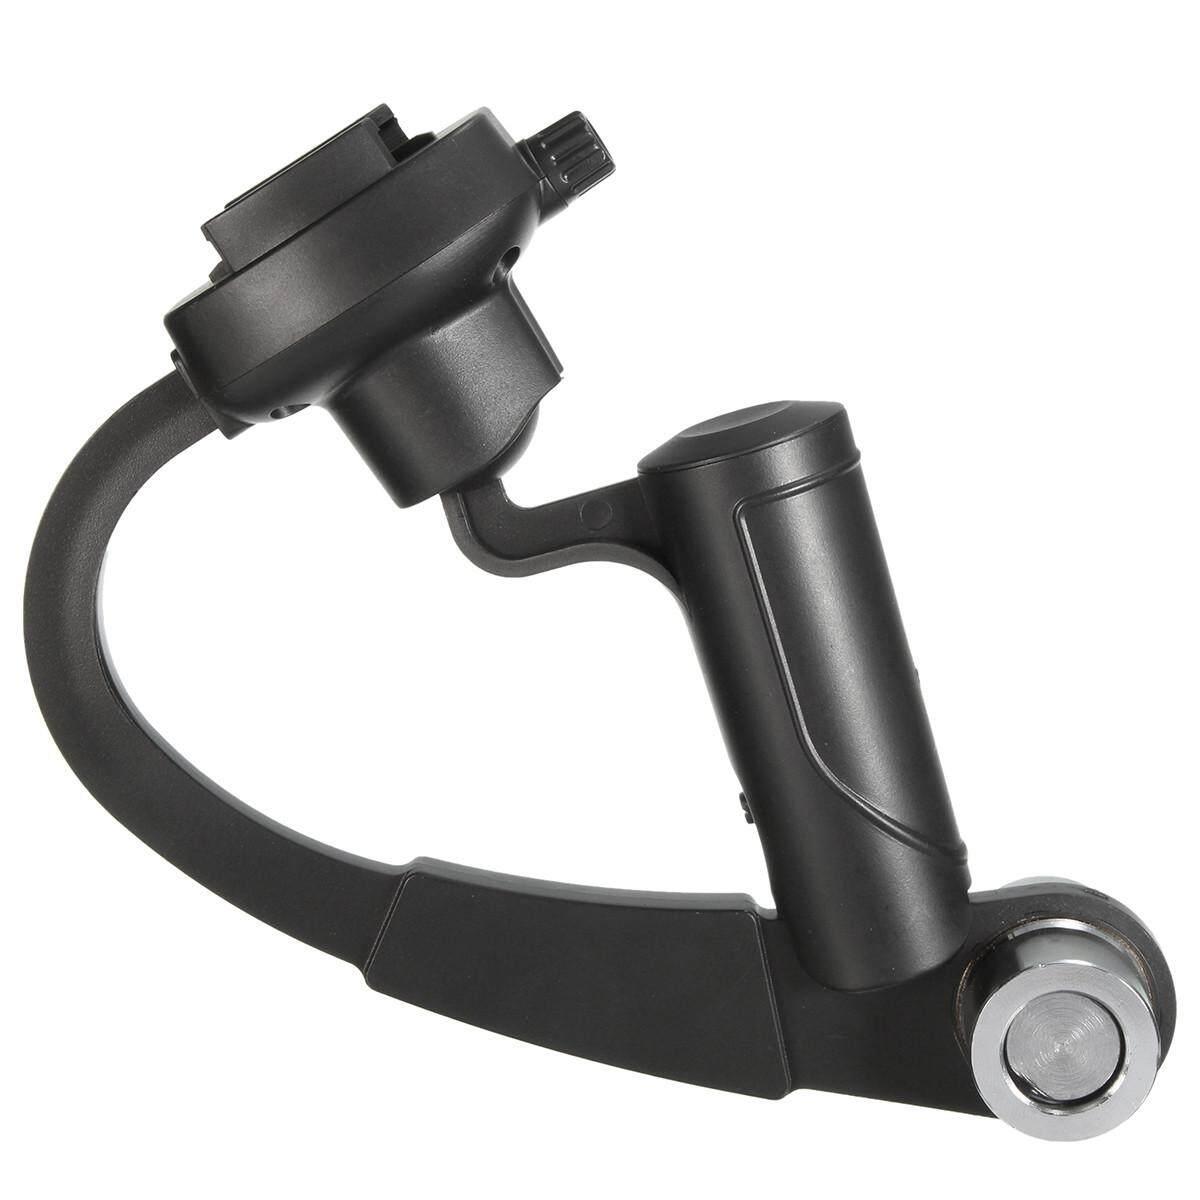 Video Stabilisator Kamera Stabil Steadycam Pegangan Tangan untuk GoPro Pahlawan 4 3 + 3 Yi-